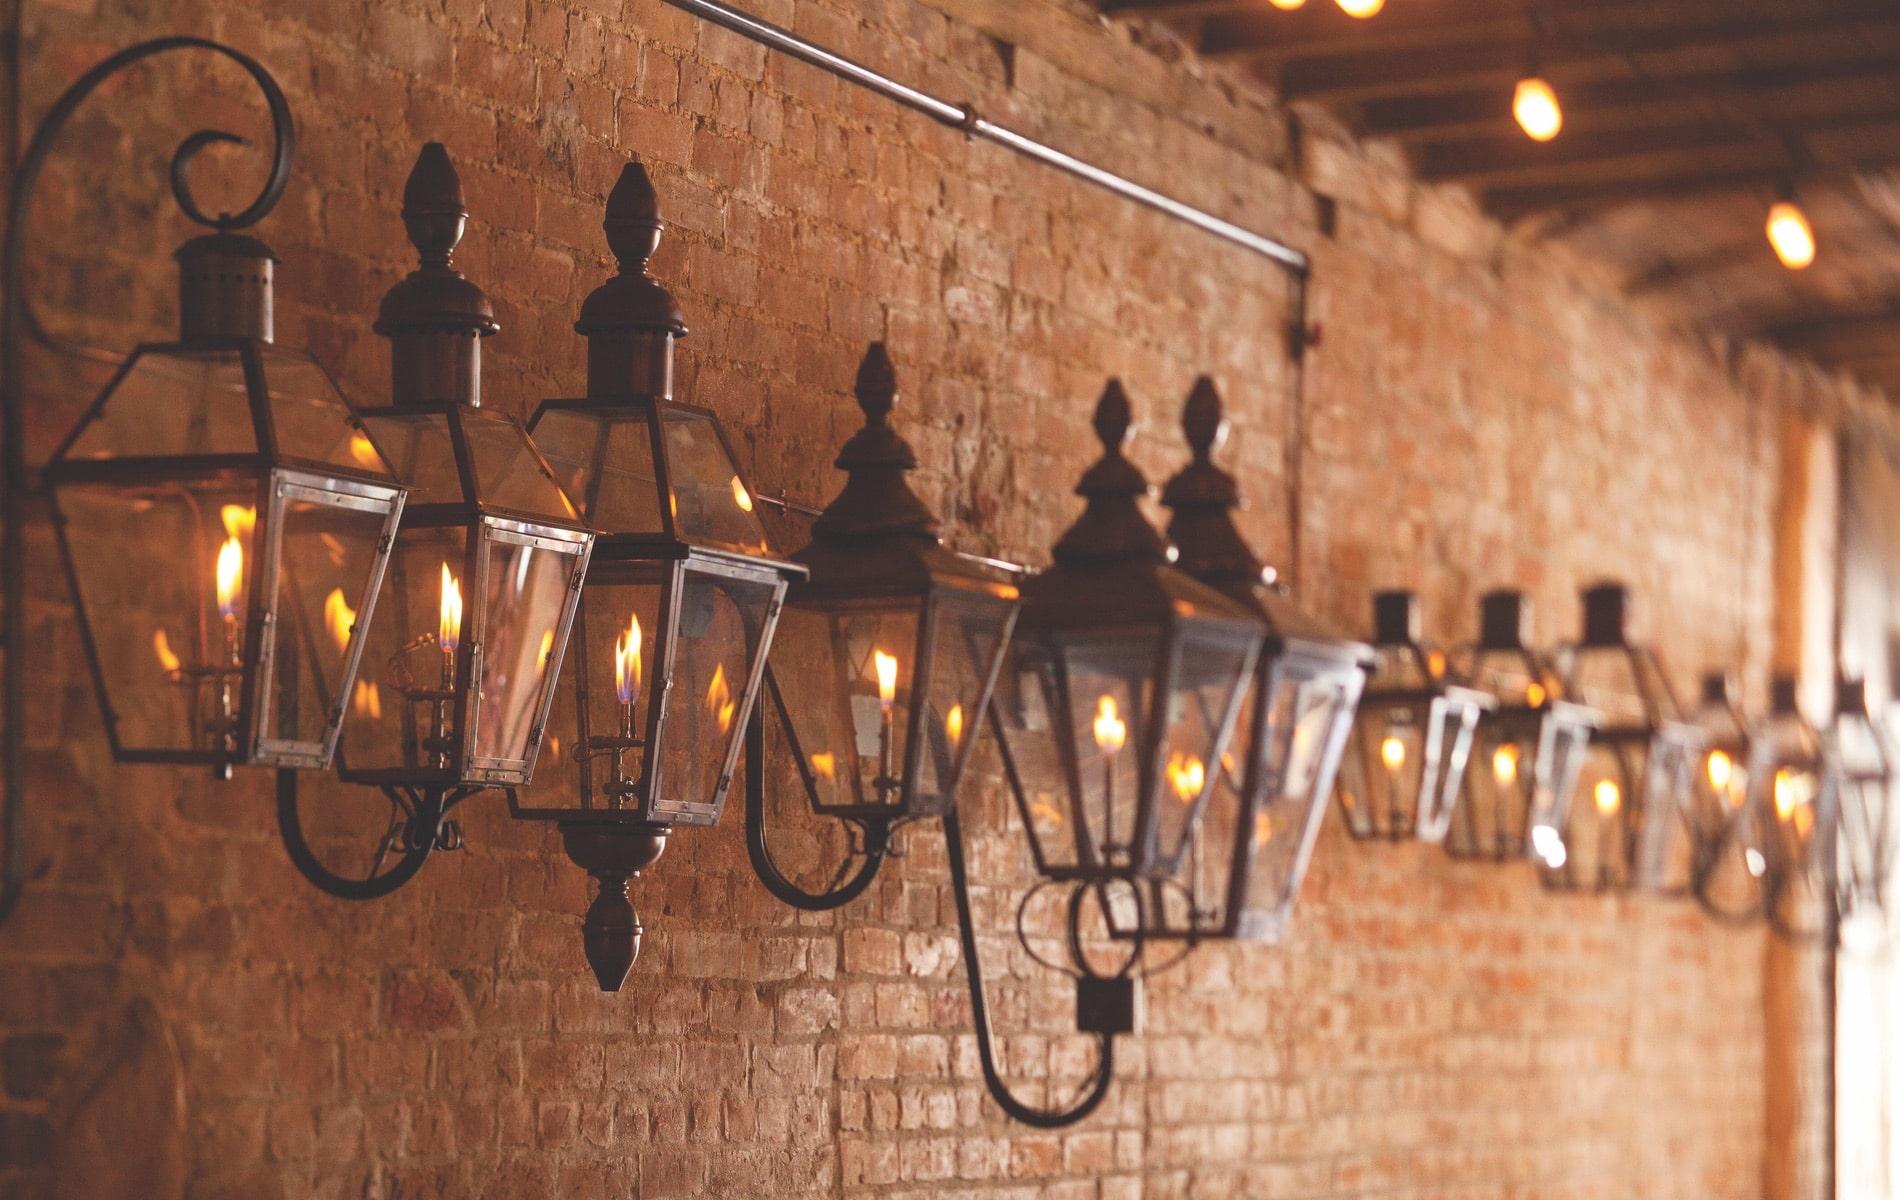 Bevolo Gas & Electric Lights, Bevolo, Bevolo New Orleans